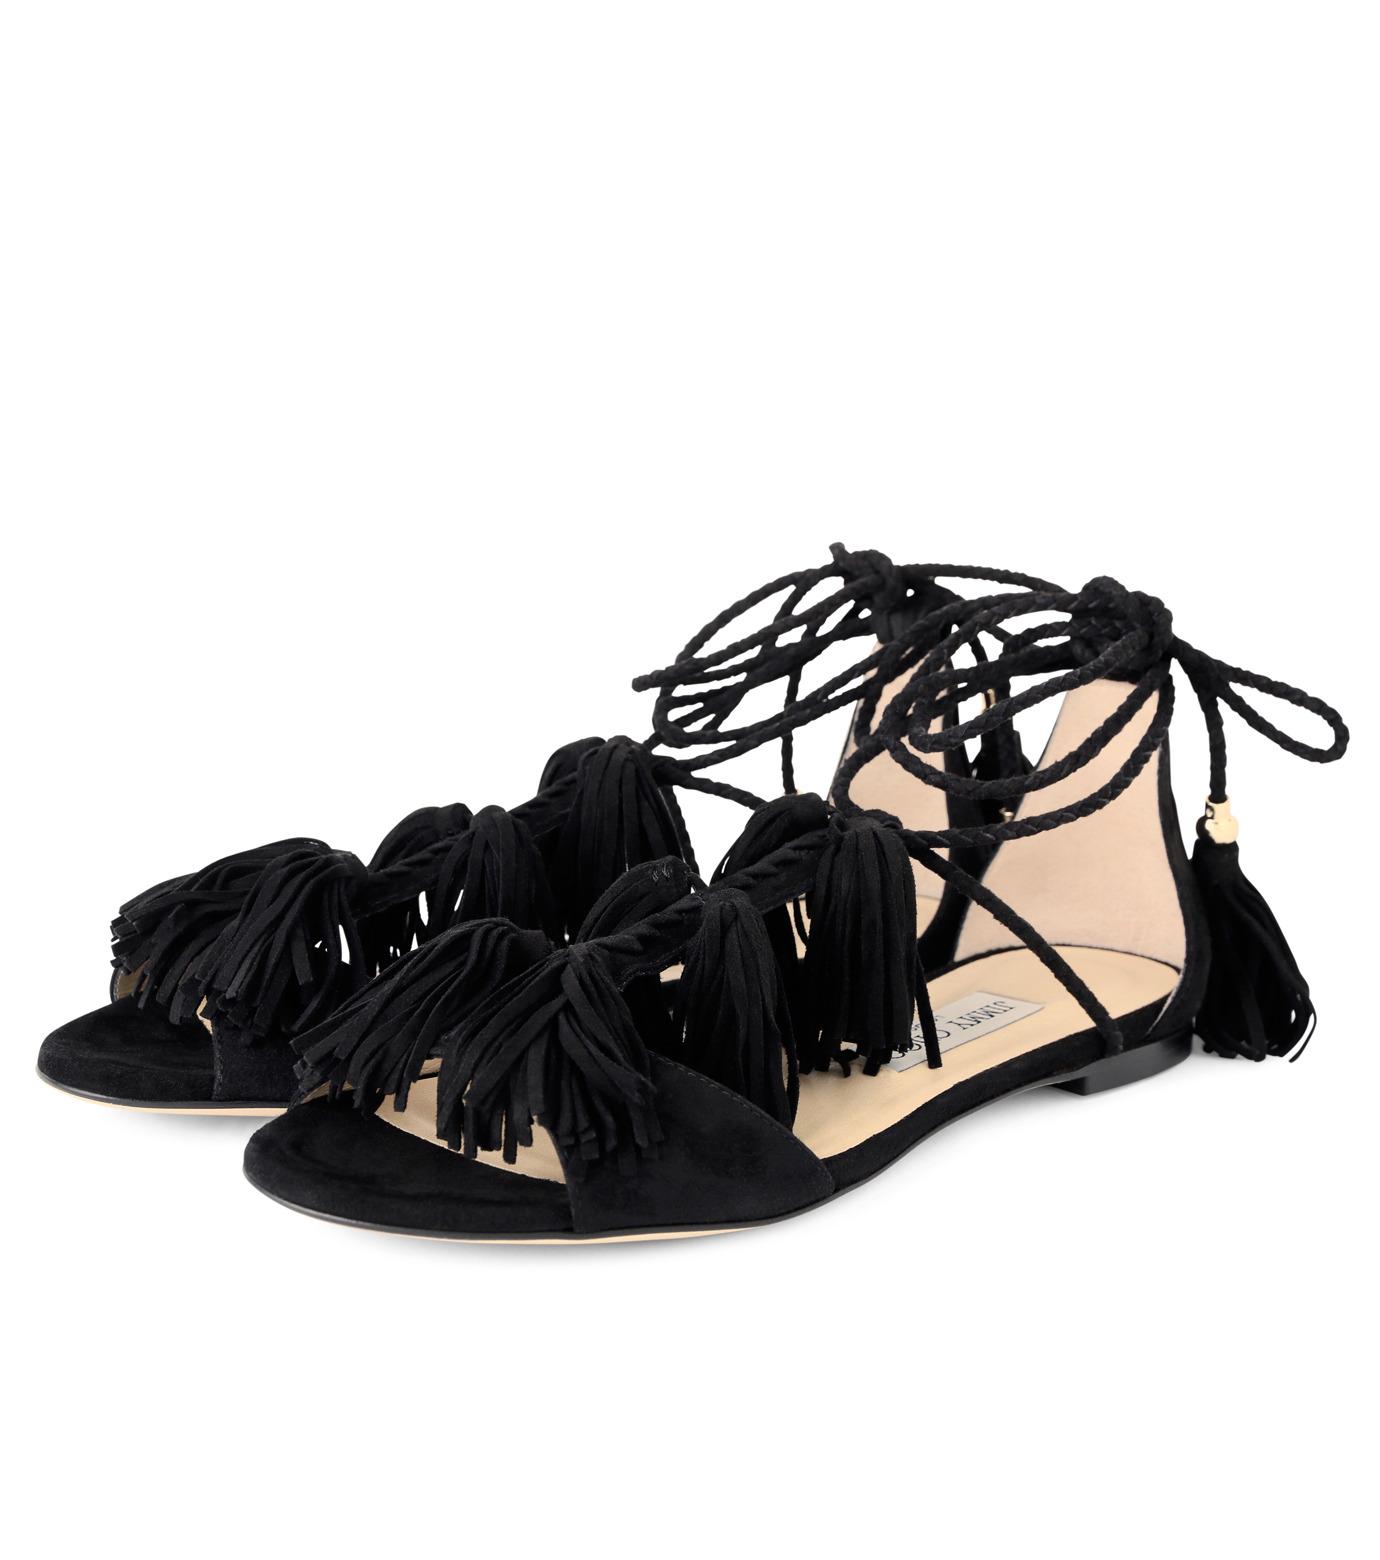 Jimmy Choo(ジミーチュウ)の153WER Suede w/Tassel Flat-BLACK(フラットシューズ/Flat shoes)-MINDY-FLAT-13 拡大詳細画像3